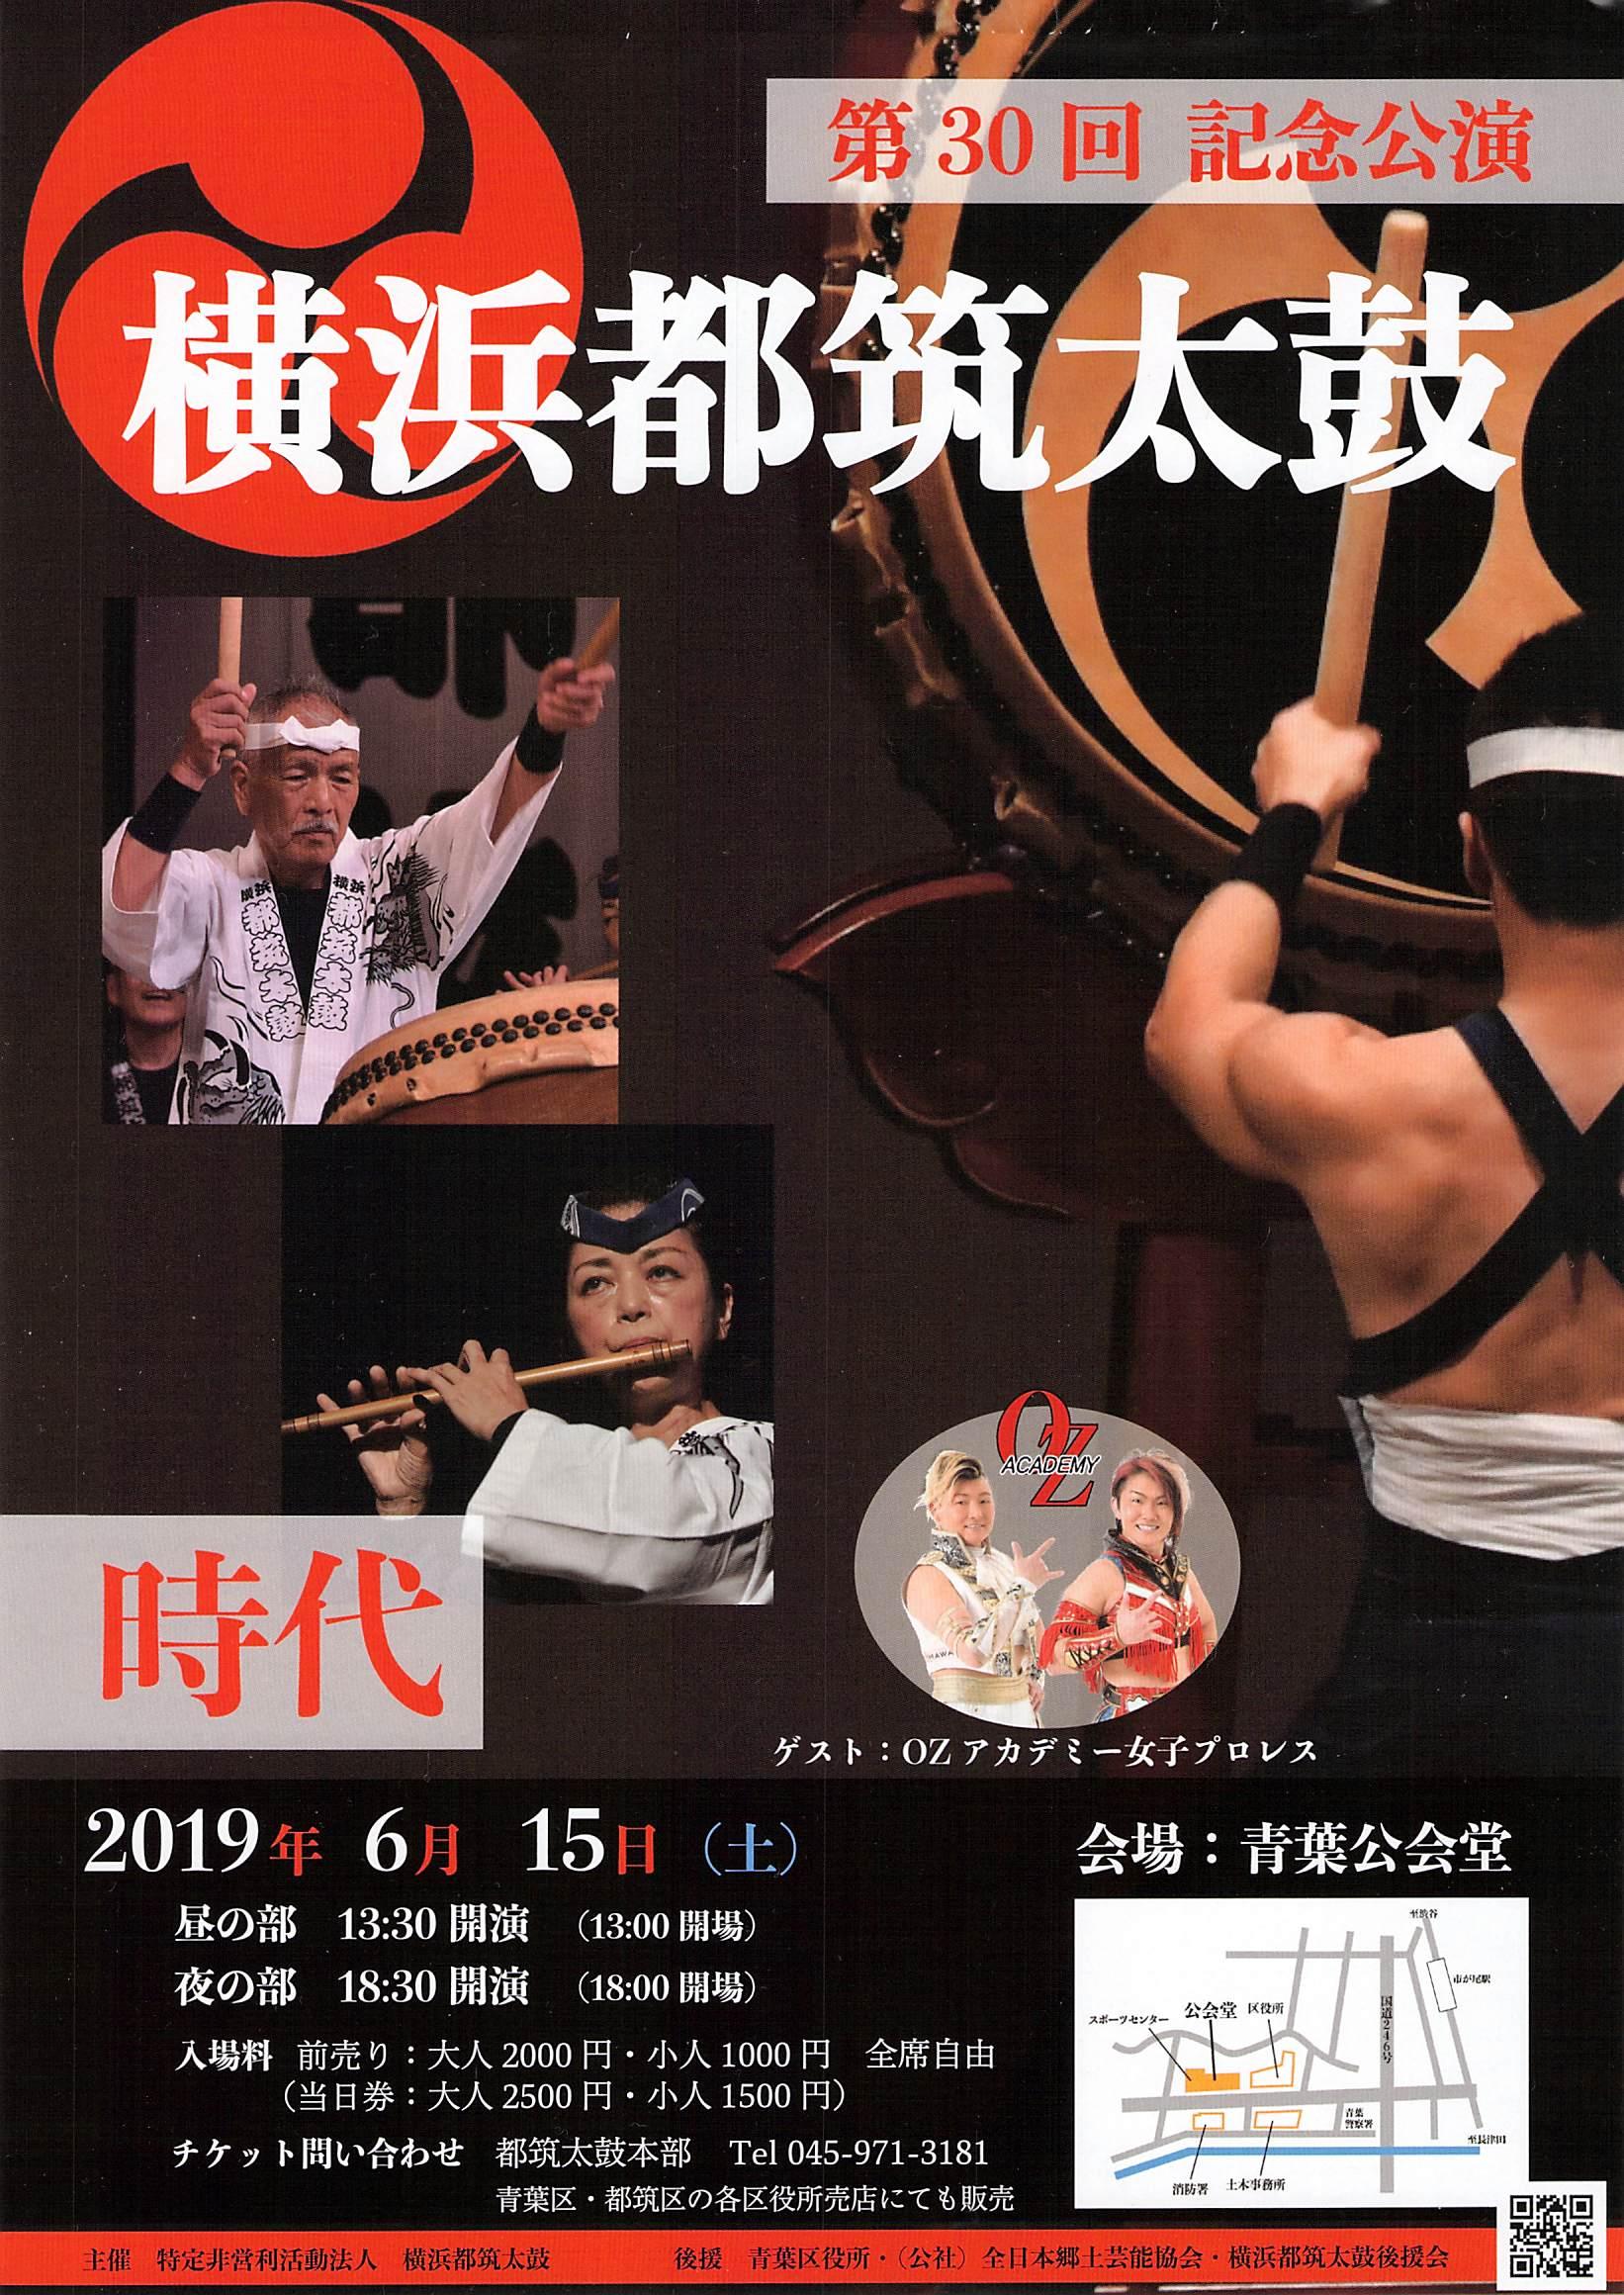 【昼の部】第30回記念公演 横浜都筑太鼓「時代」